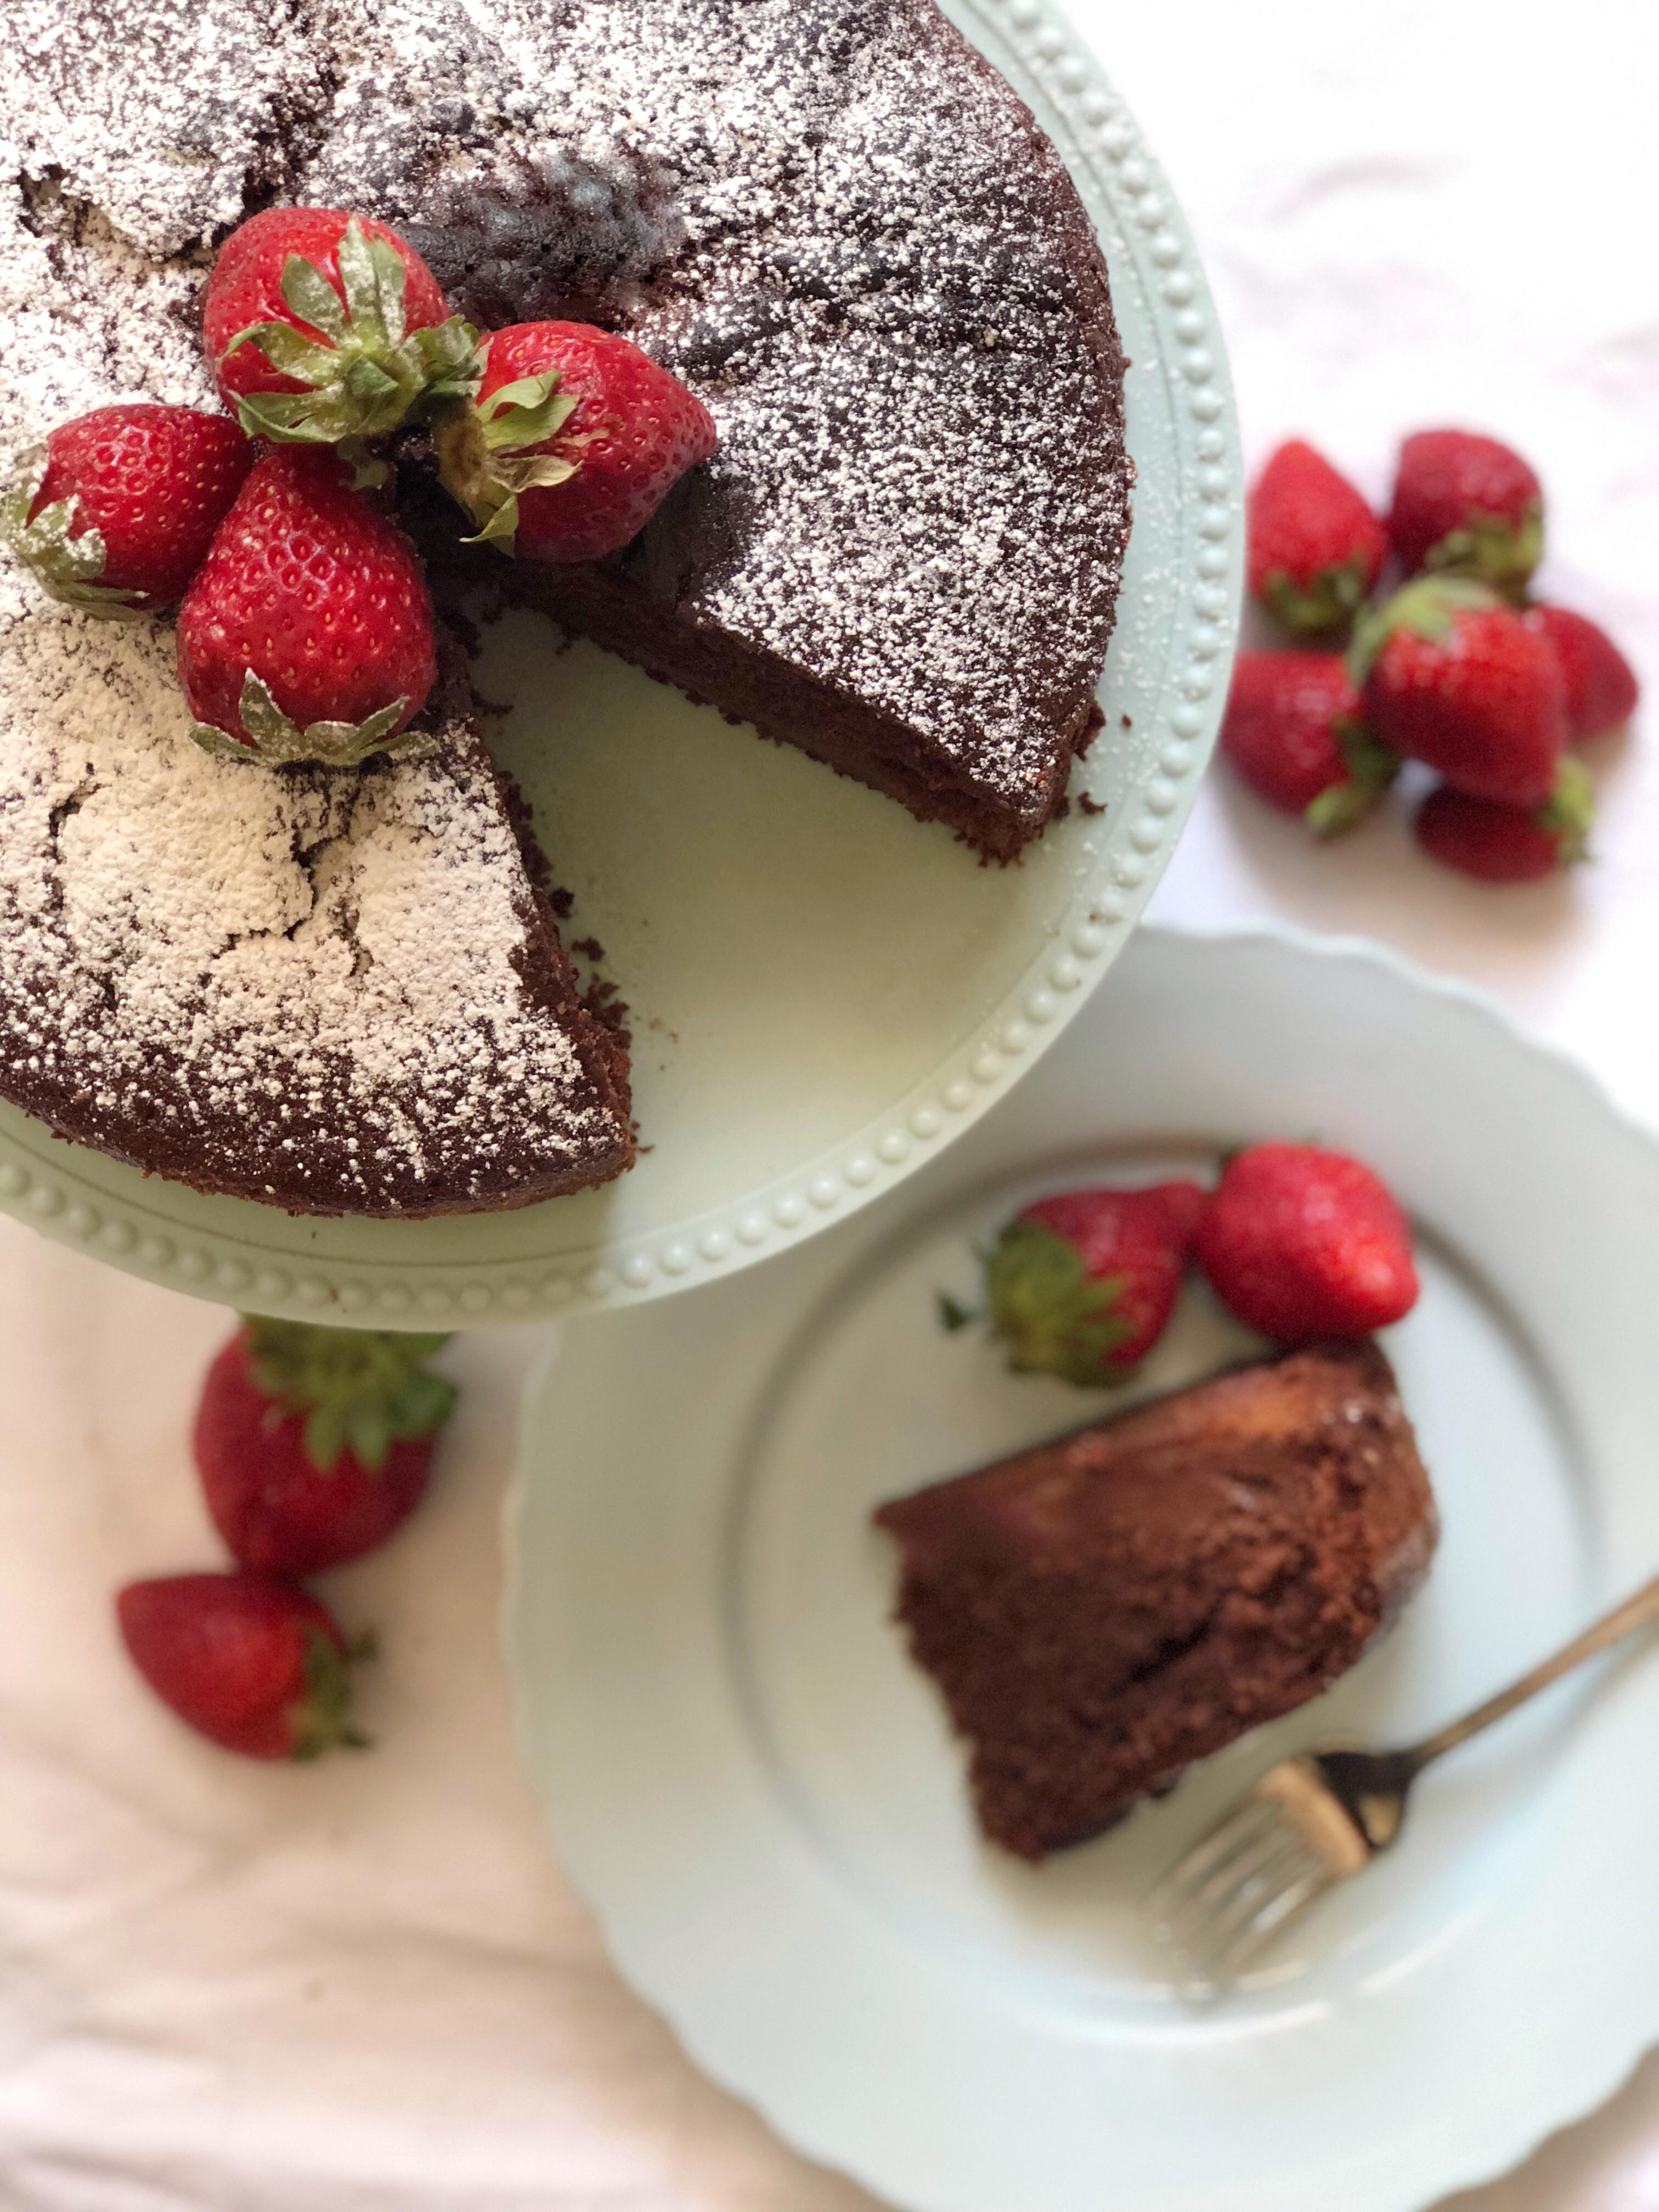 Torta Cioccolato e Fragole Senza Burro e Uova, pronto in 10 minuti al microonde di dolci senza buro